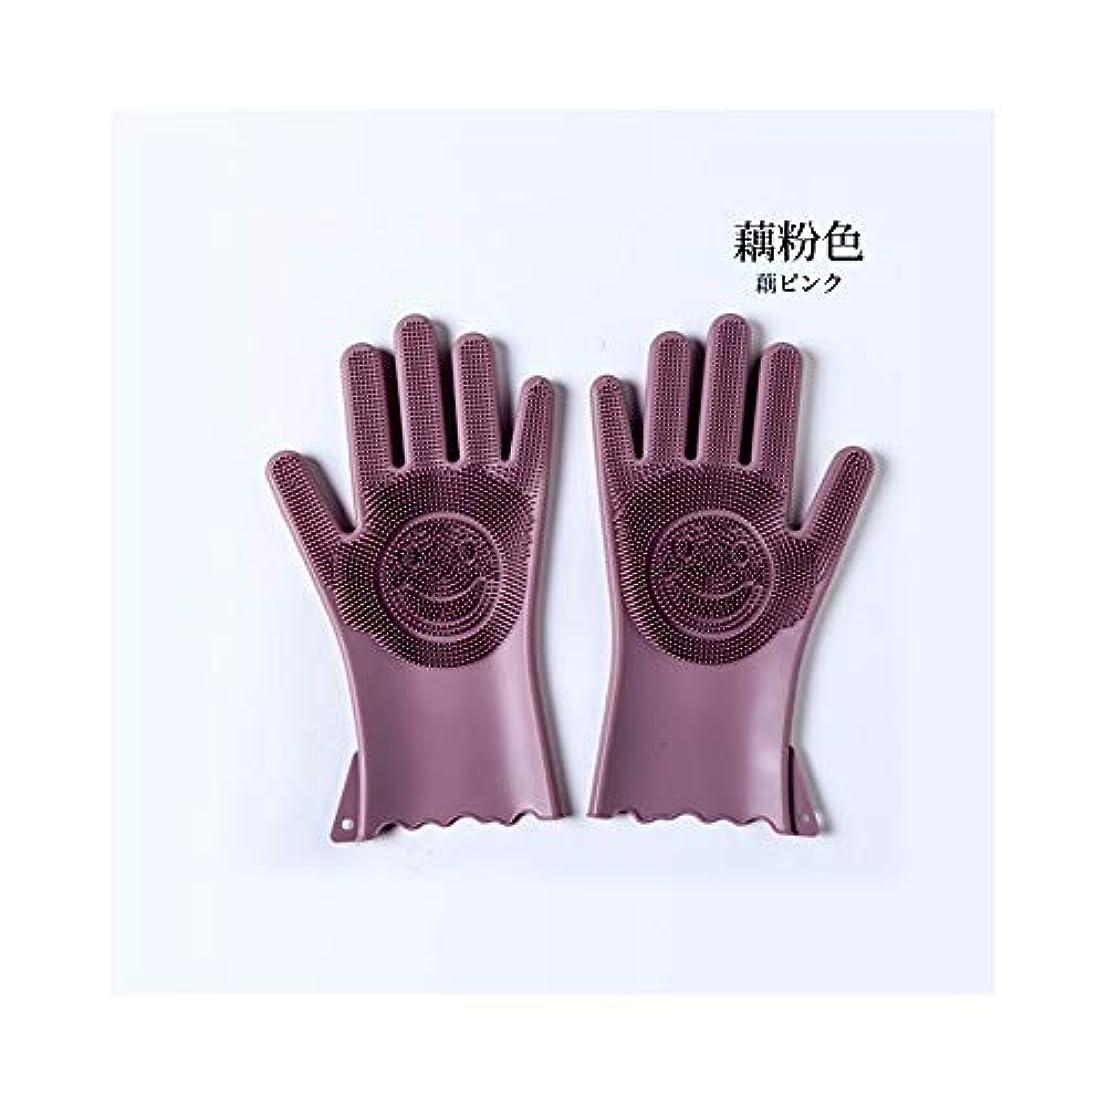 蓋小さい散逸使い捨て手袋 作業用手袋防水厚くて丈夫なシリコーン多機能キッチン家庭用手袋 ニトリルゴム手袋 (Color : PINK, Size : M)